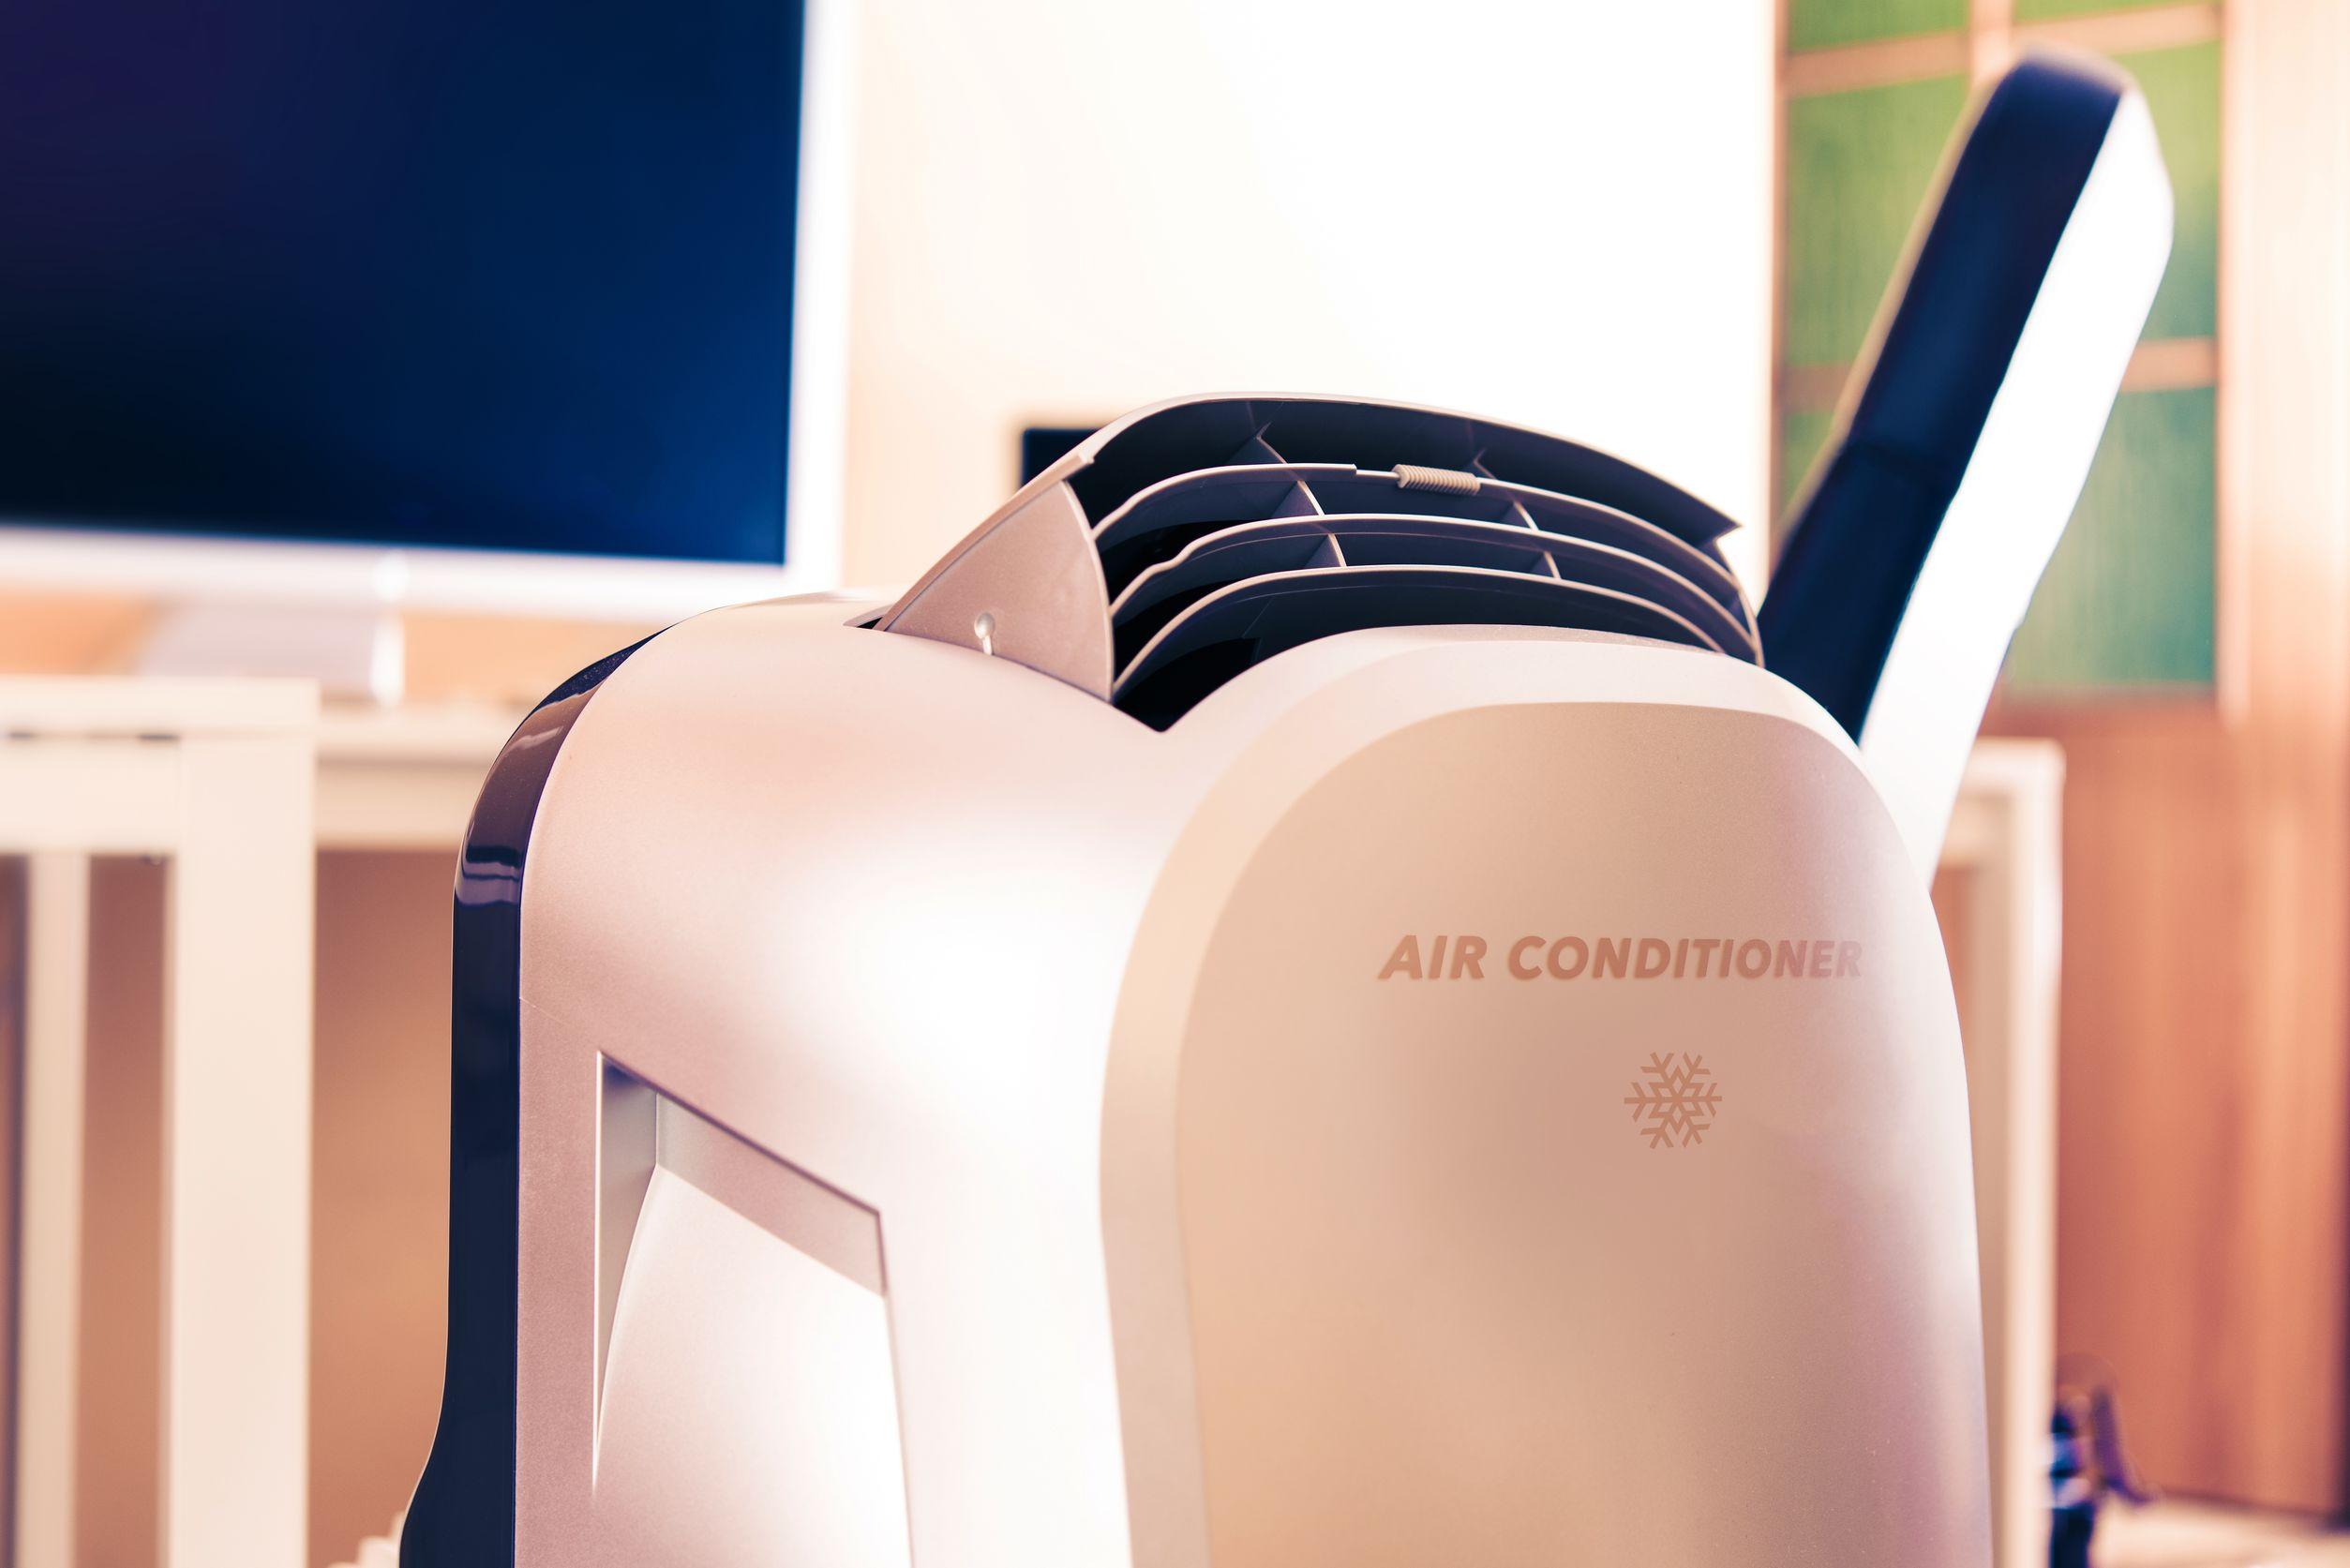 Aire acondicionado portátil sin tubo: ¿Cuál es el mejor del 2020?